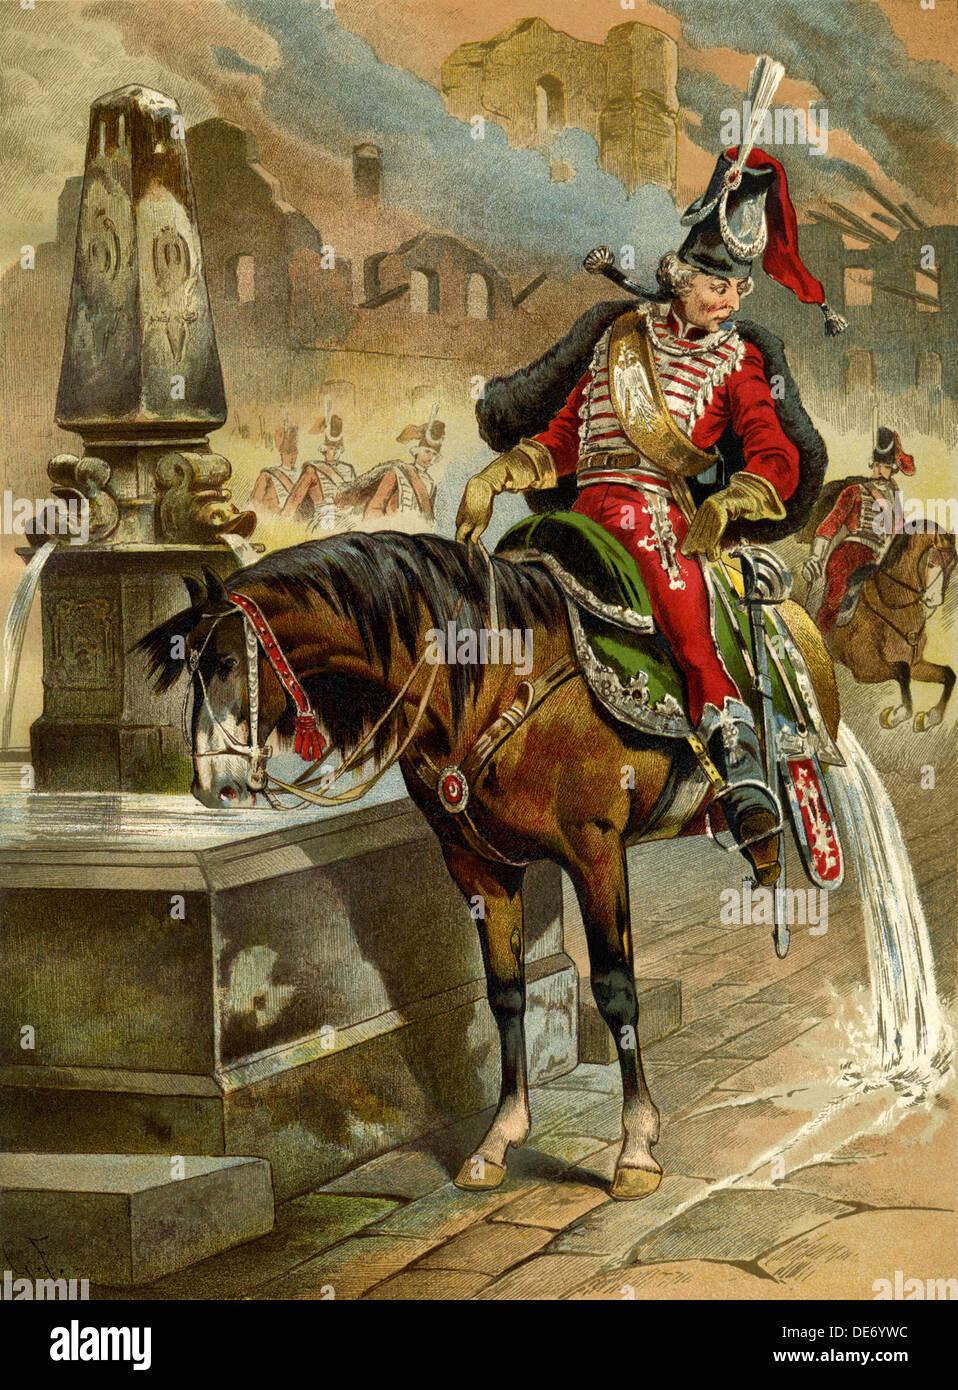 Ilustración para el libro las sorprendentes aventuras del barón Münchhausen Por Rudolph Erich Raspe, 1896. Artista: Franz, GOTTFRIED (1846-1905) Foto de stock